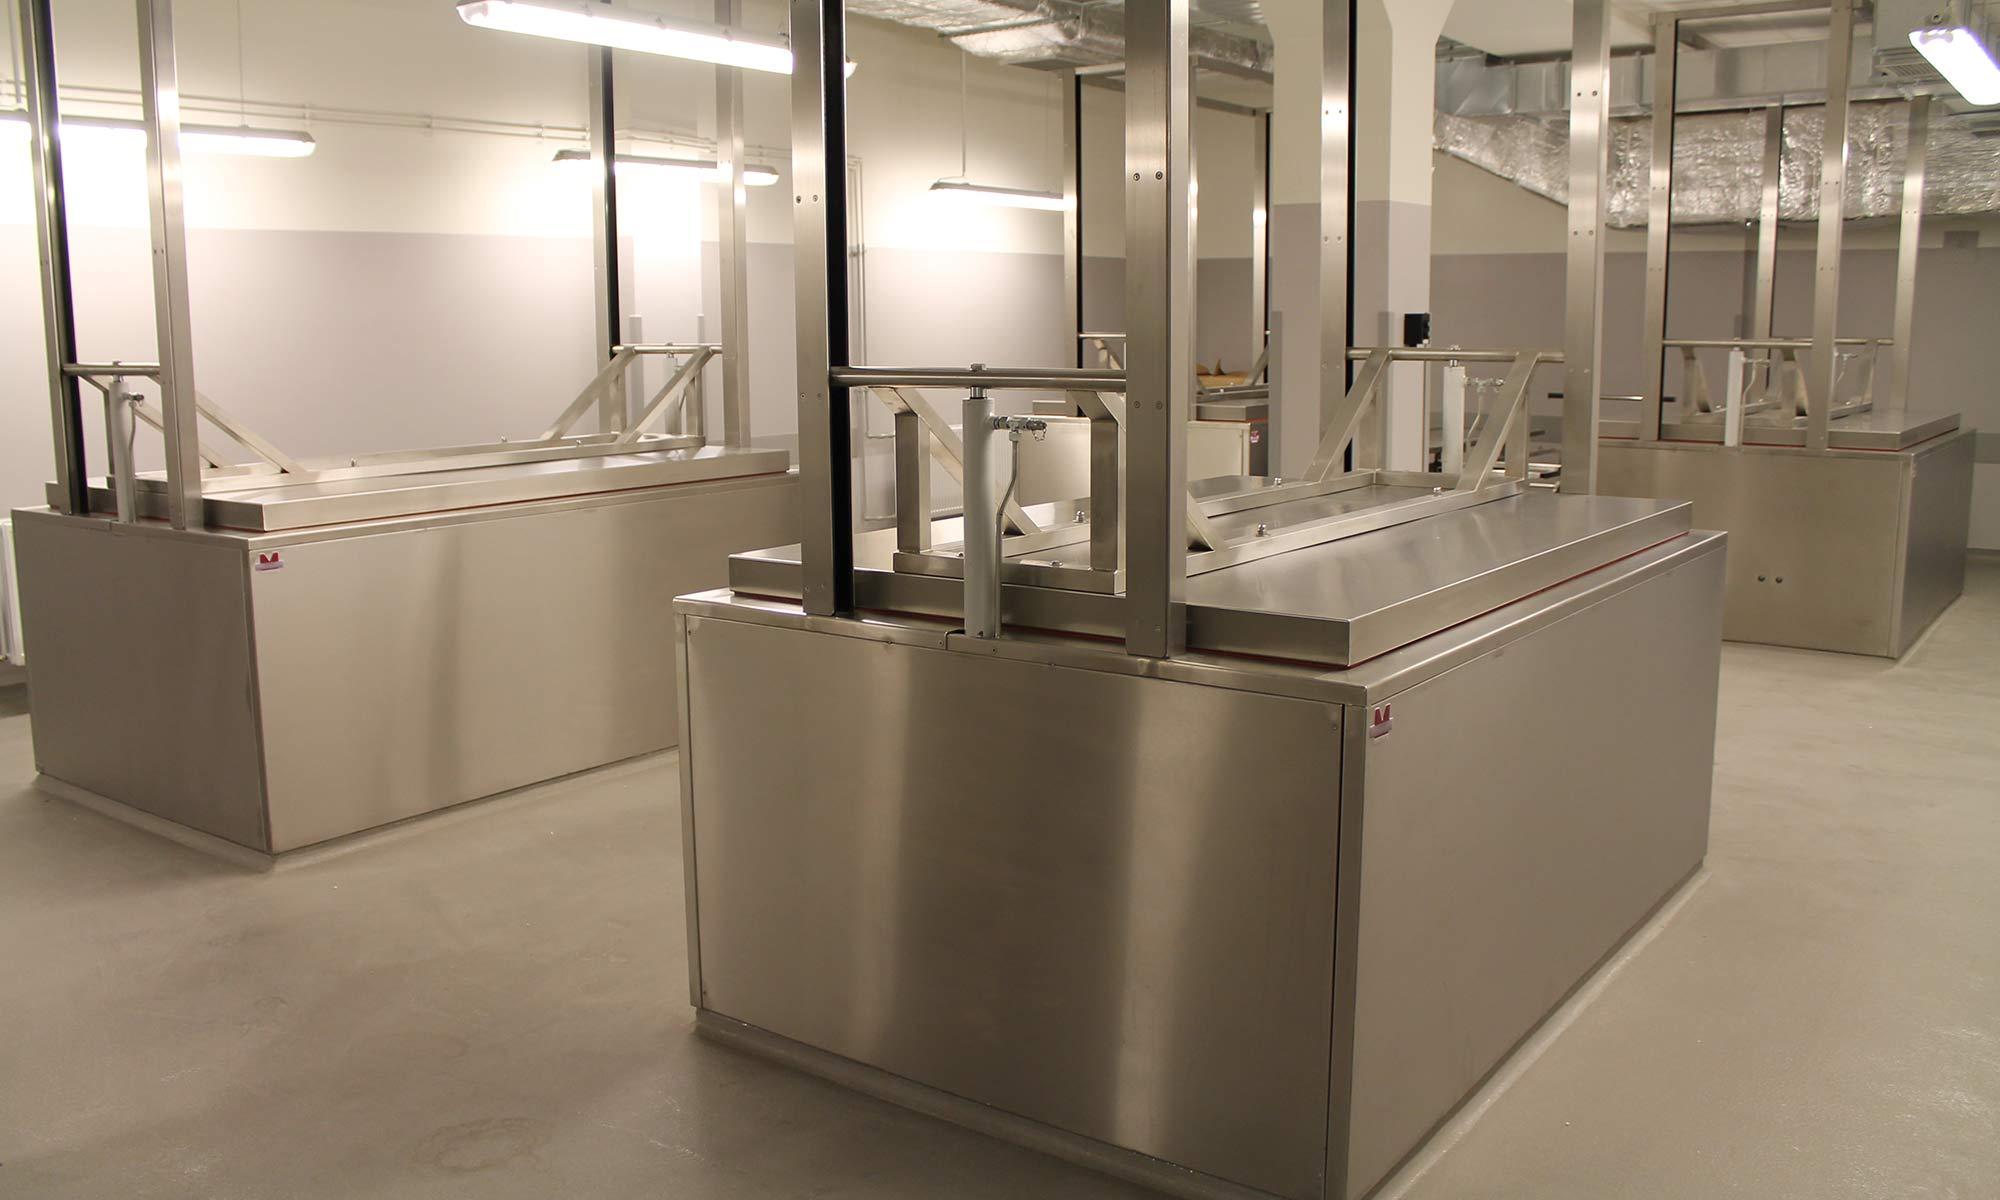 Leichen-Lagerbereich mit hydr. betriebenen Konservierungs-Küvetten